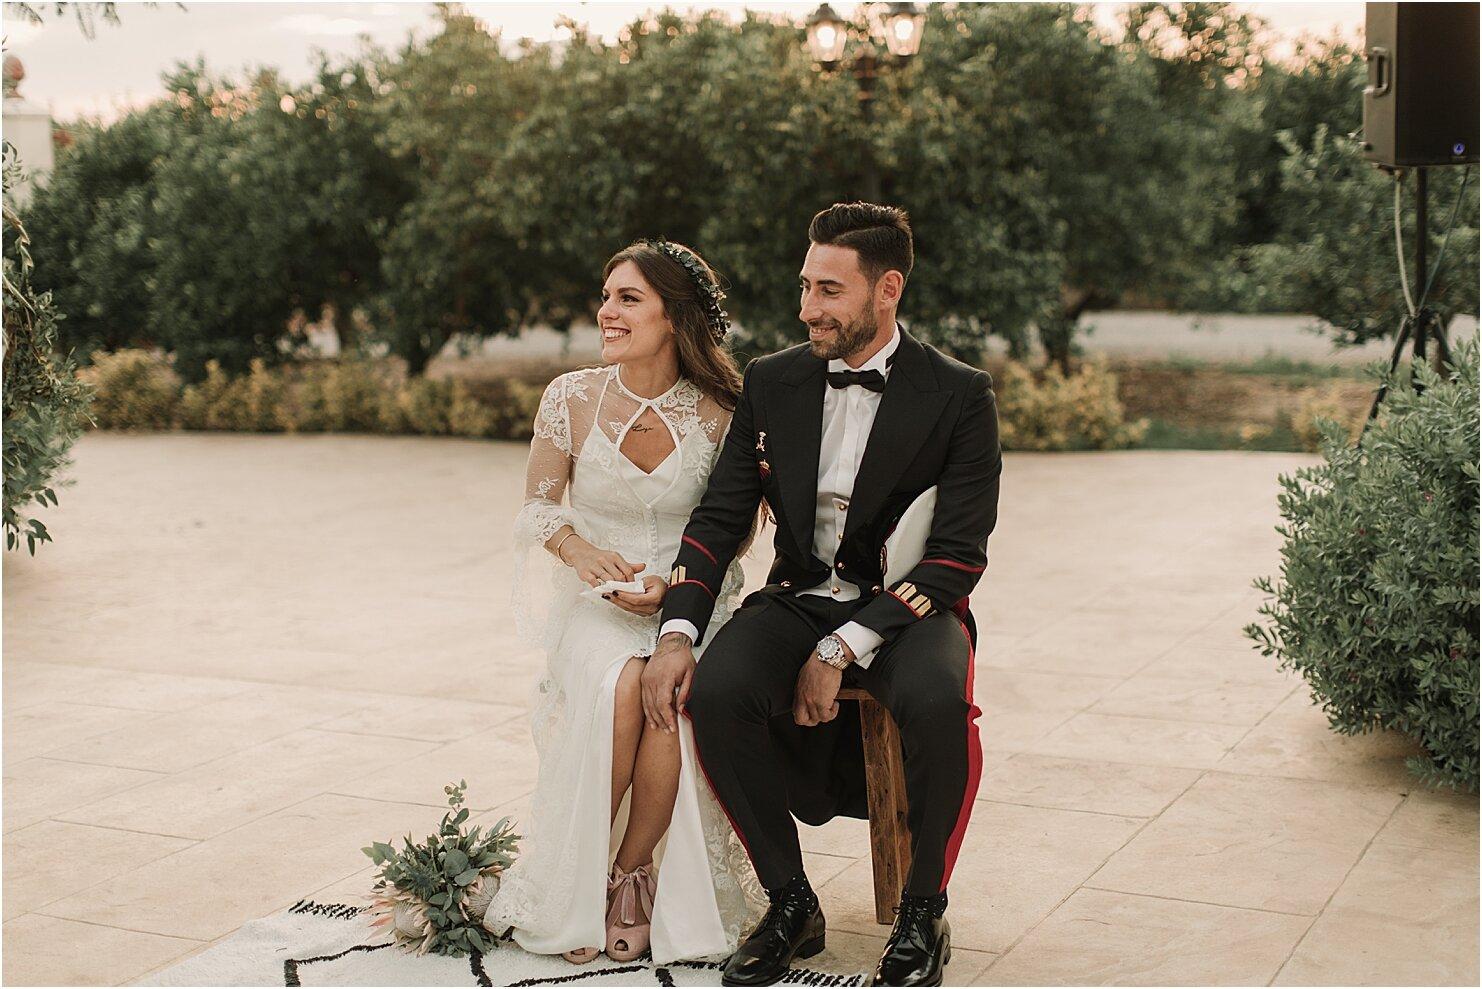 boda-romantica-boda-boho-vestido-de-novia-laura-lomas23.jpg